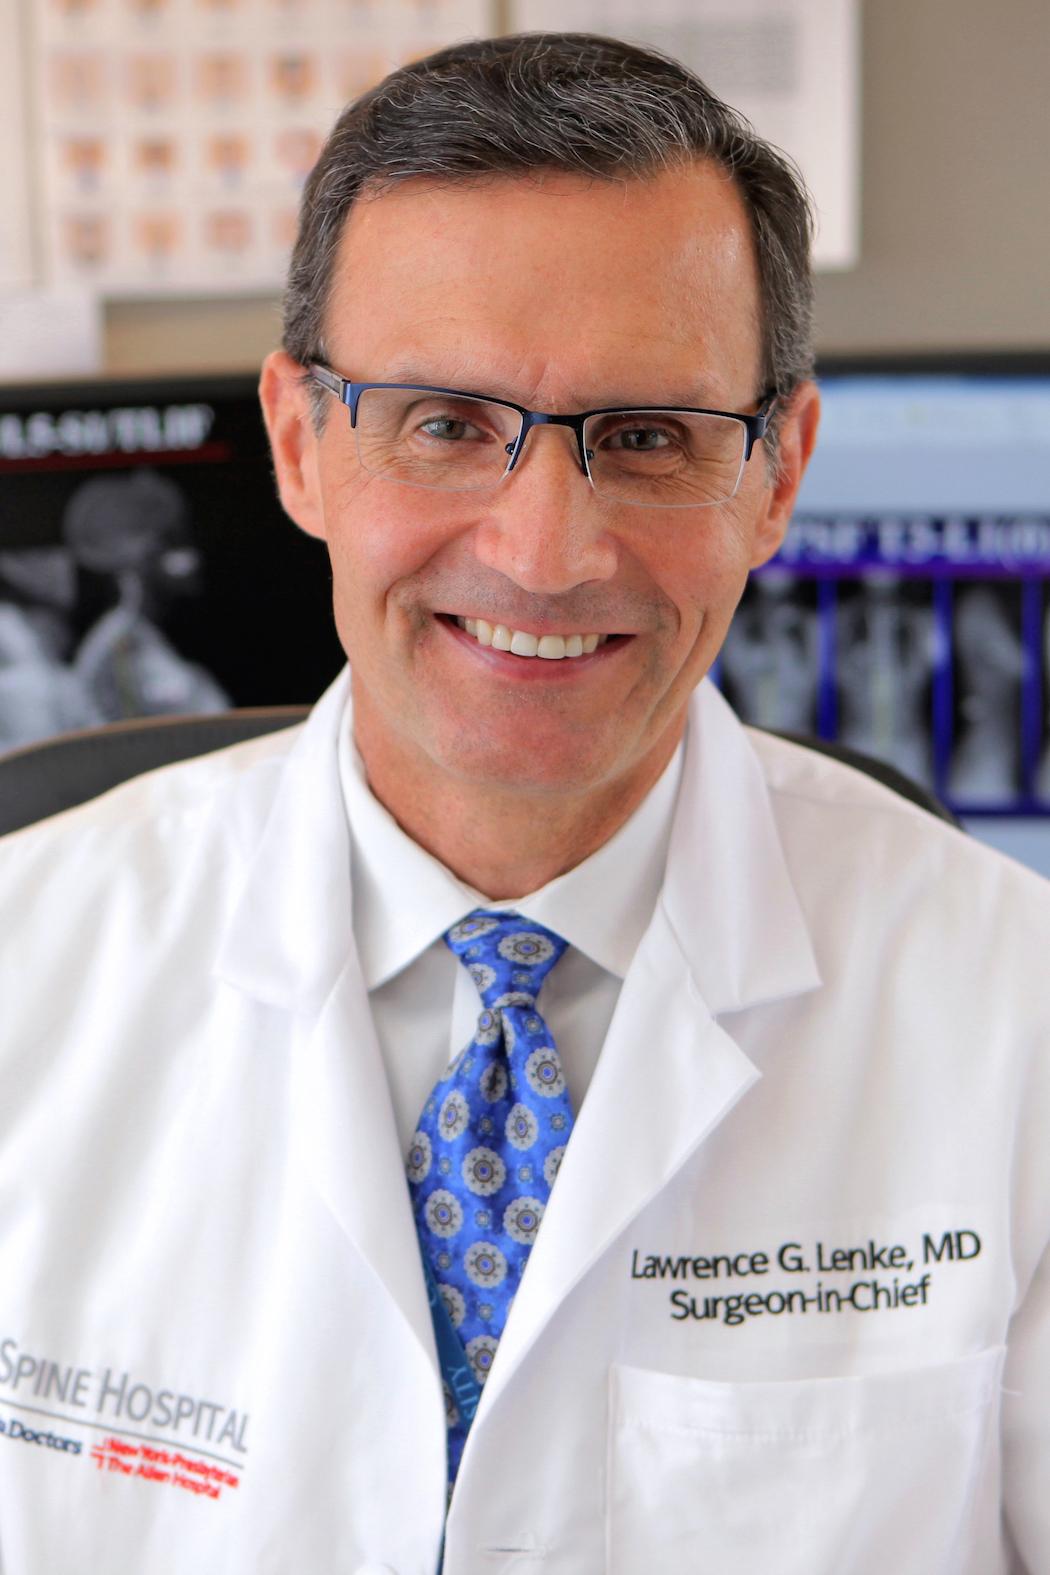 Lawrence Lenke